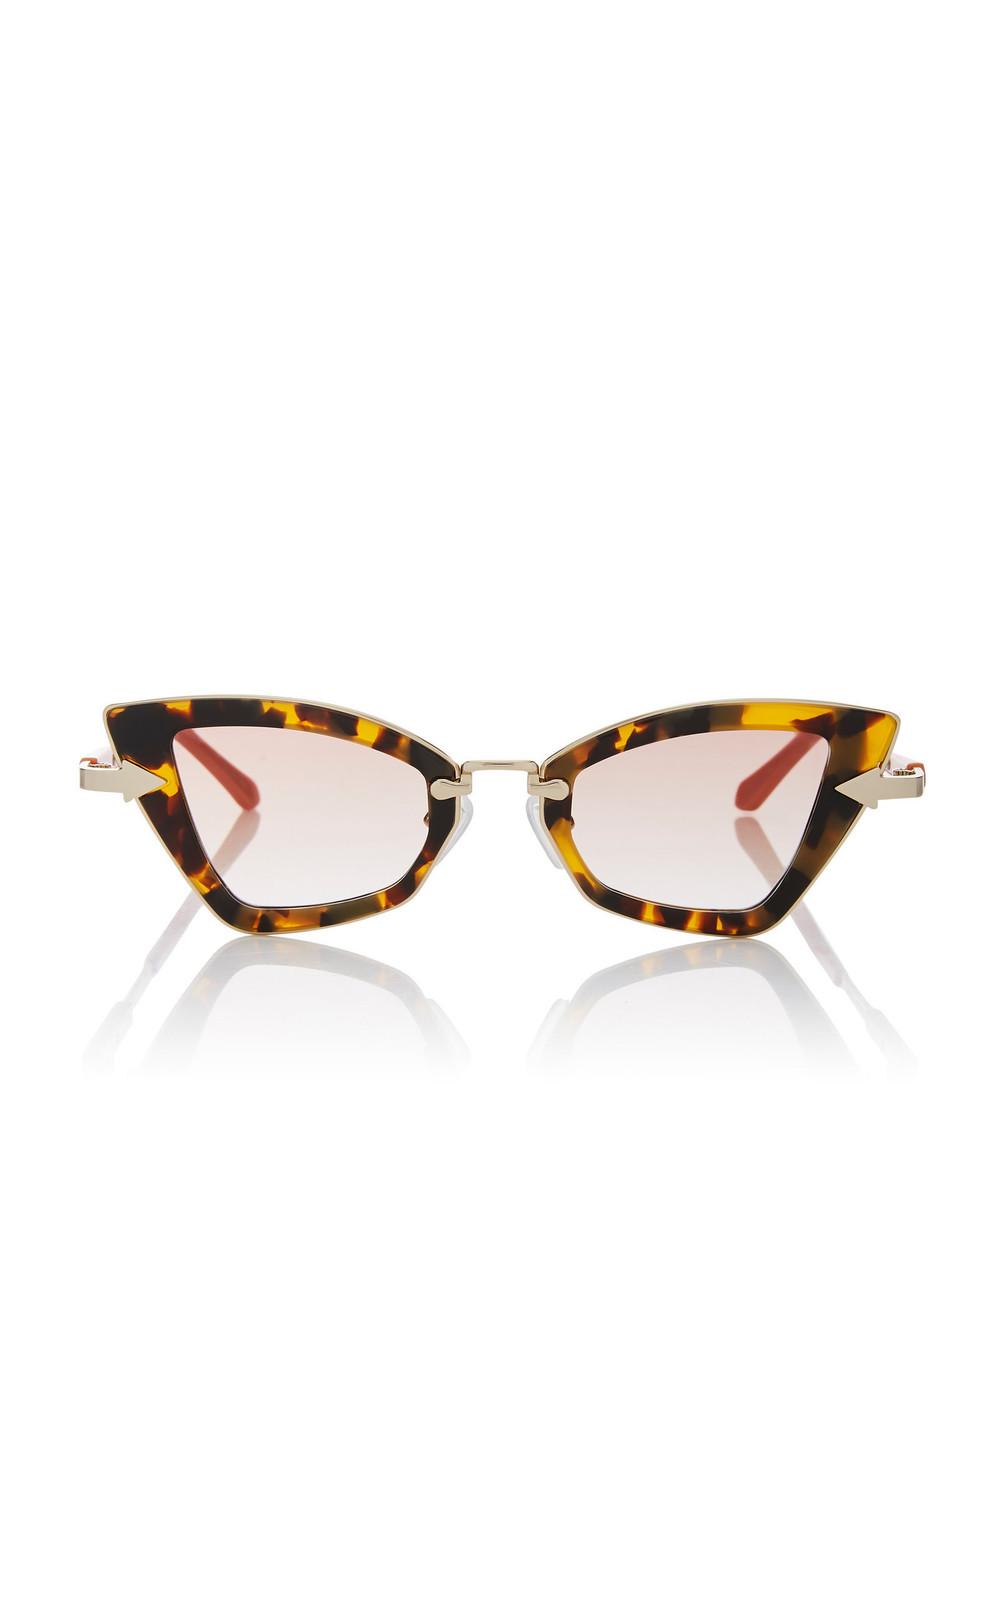 Karen Walker Bad Apple Square-Frame Tortoiseshell Acetate Sunglasses in brown